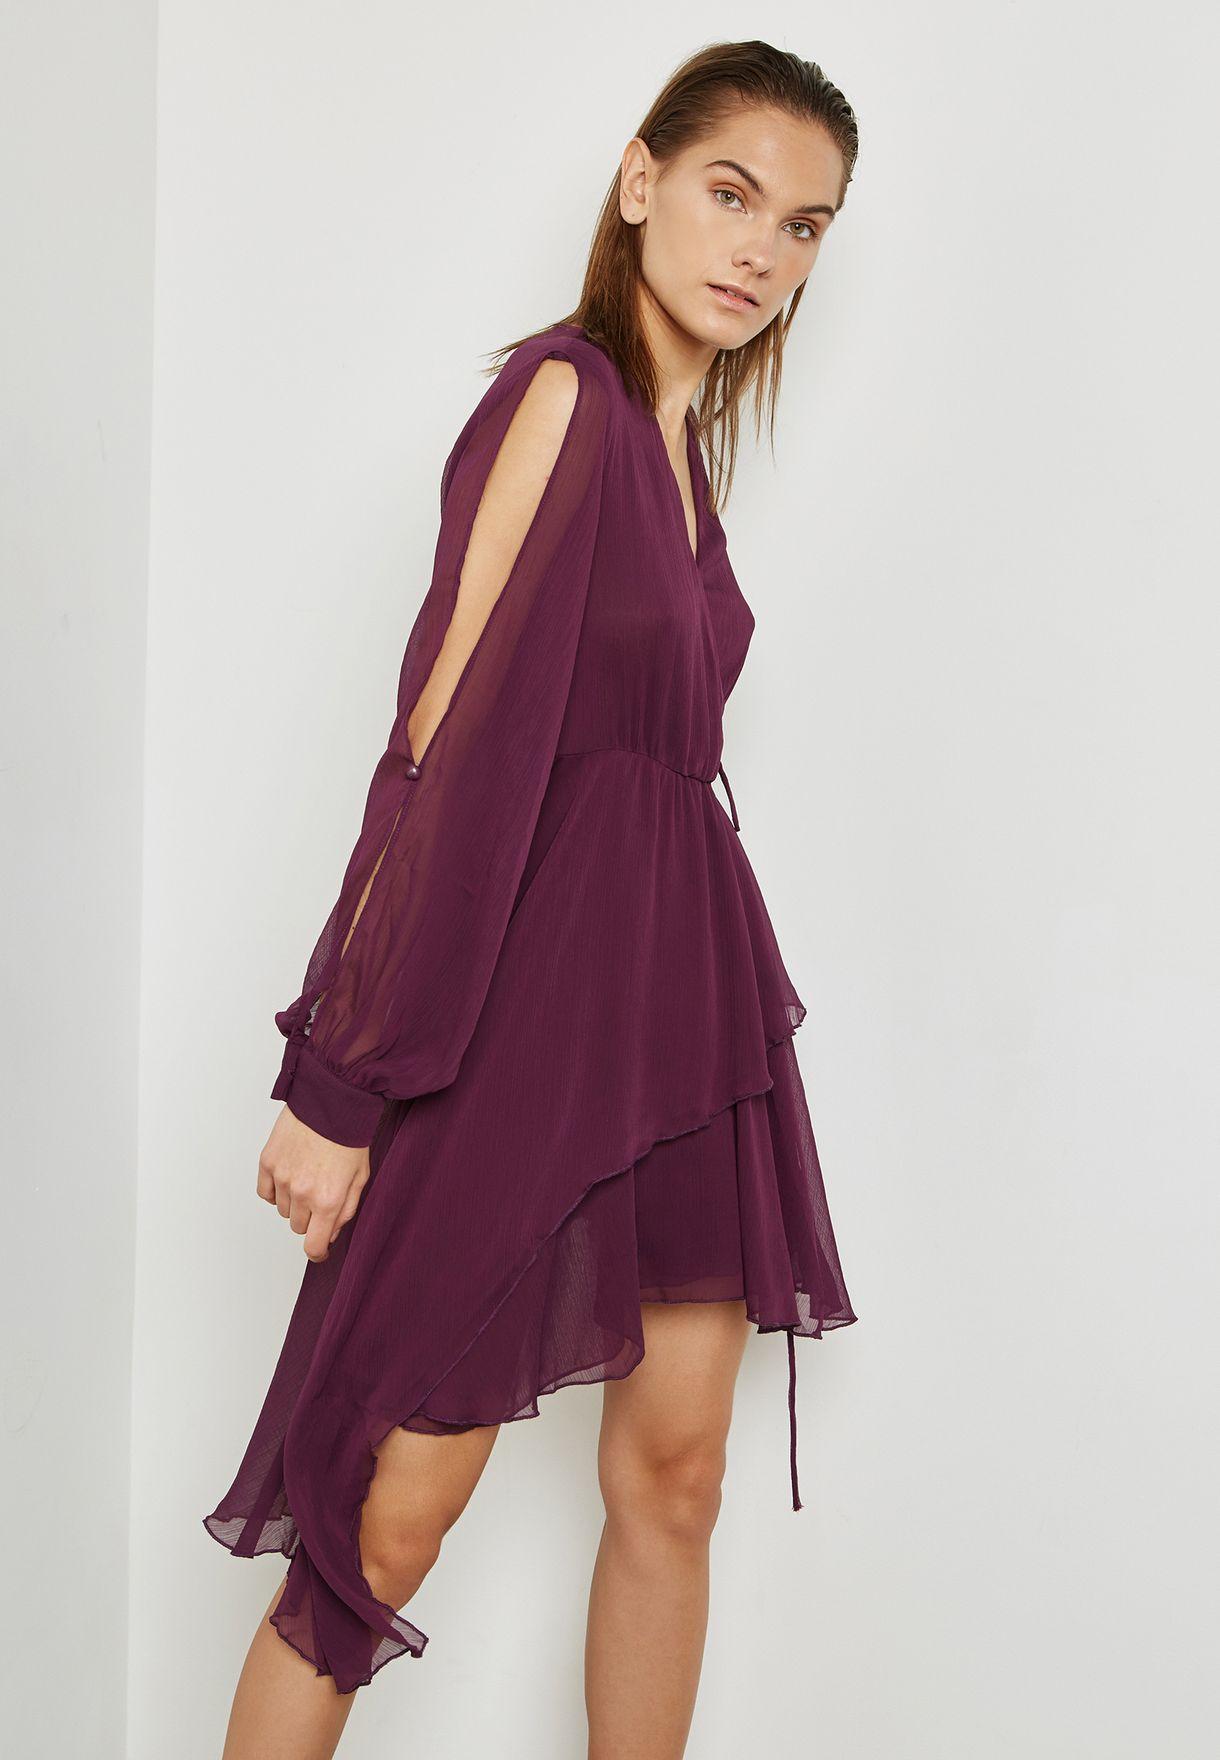 Slit Sleeve Dress